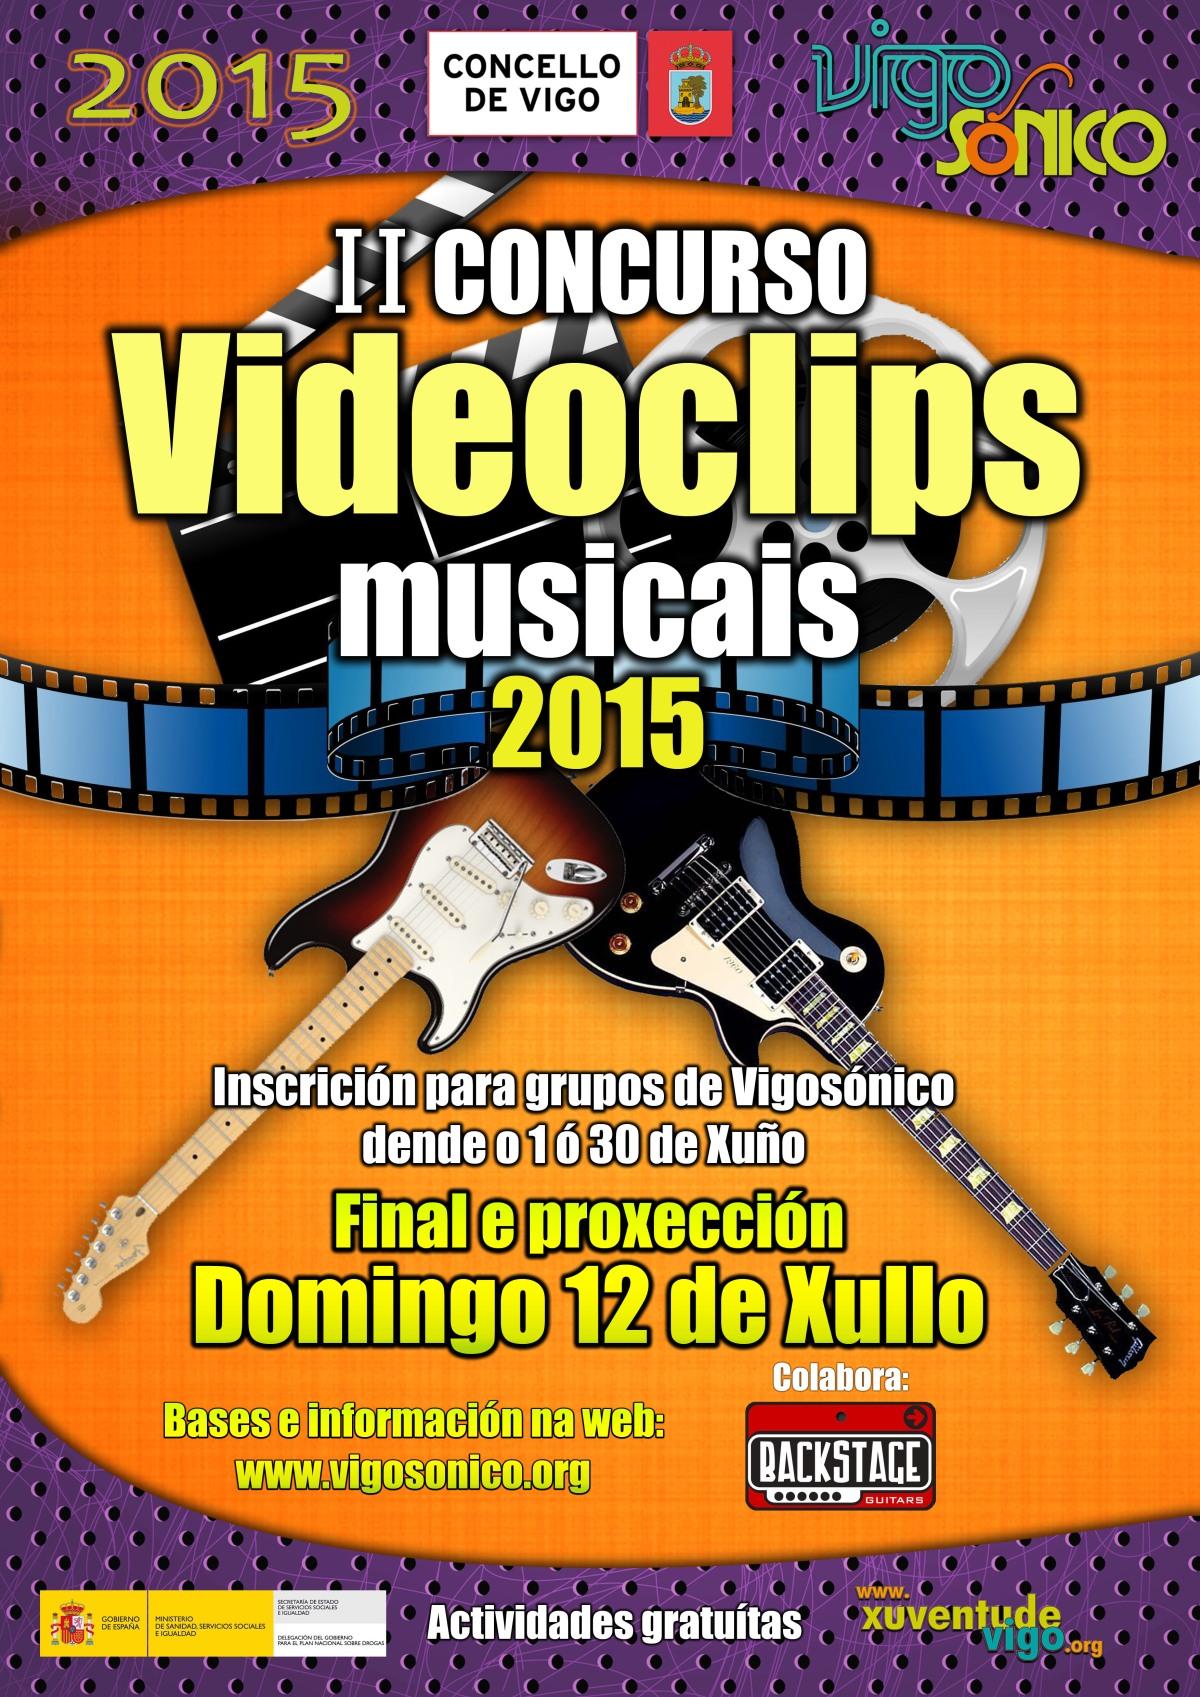 Vídeos participantes no II Concurso VideoClips musicais VigoSónico2015.